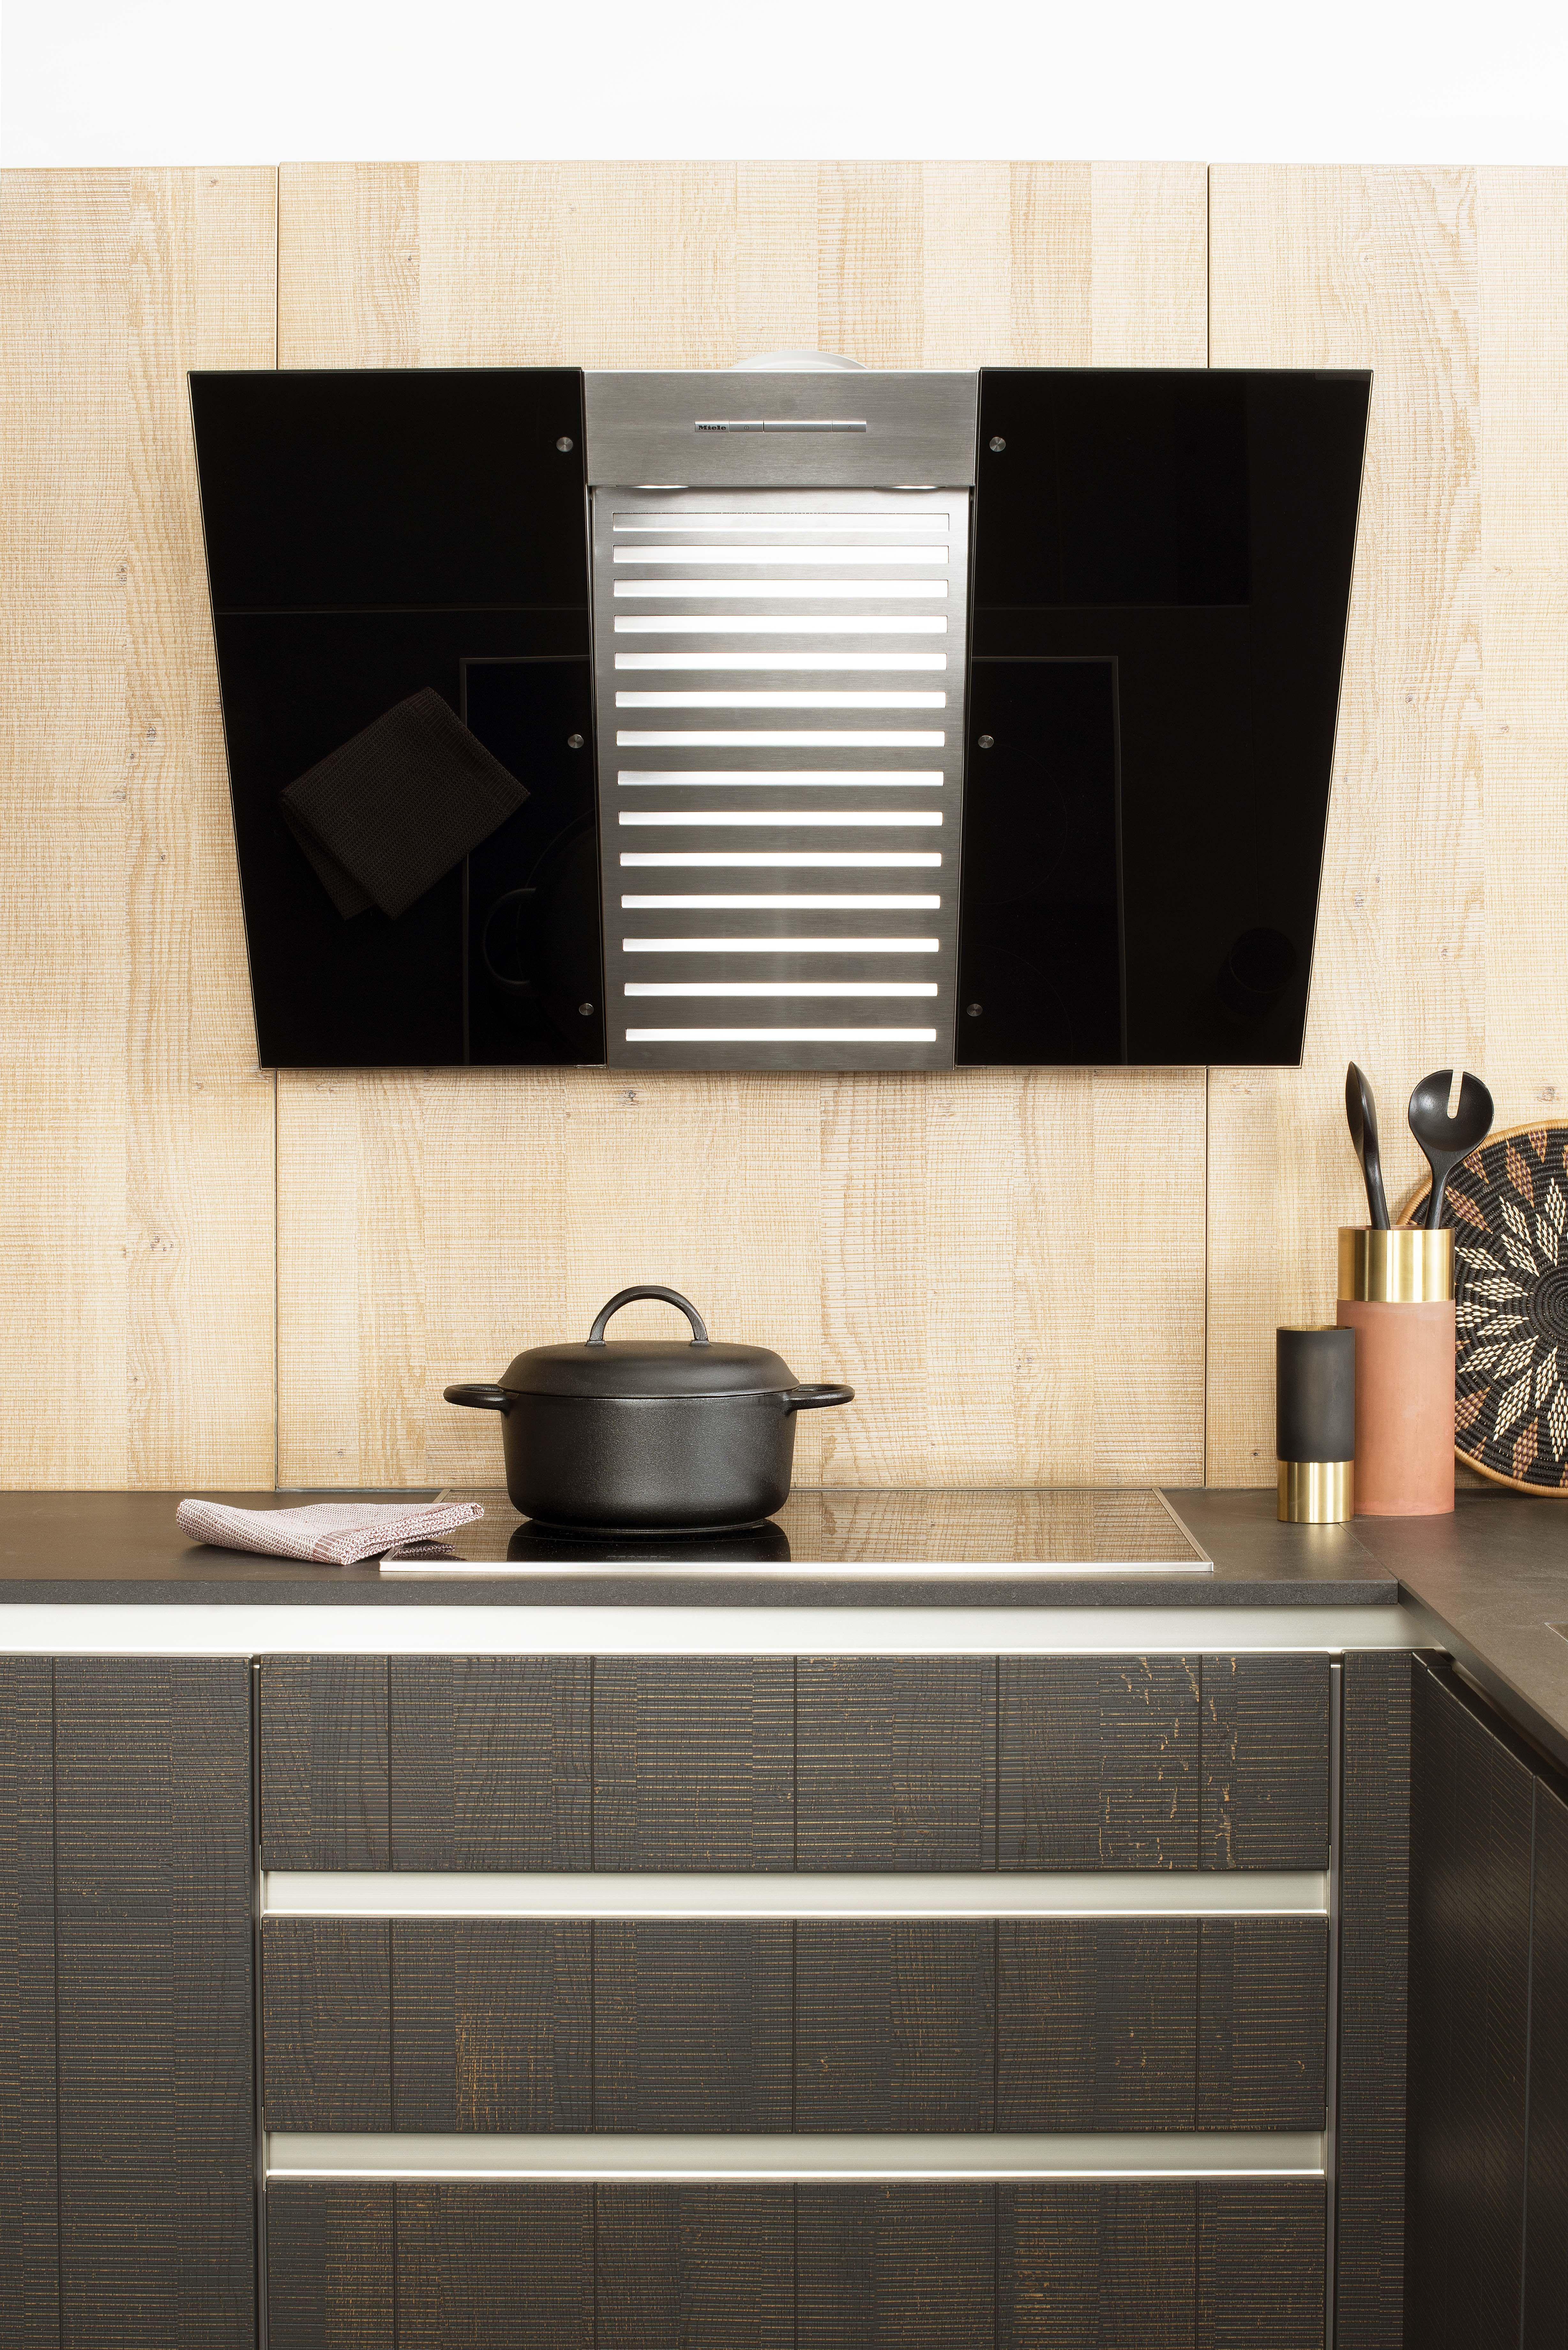 Avalon une cuisine en bois brut de sciage le large choix de plans de travail vous permettra - Plan de travail chene brut ...